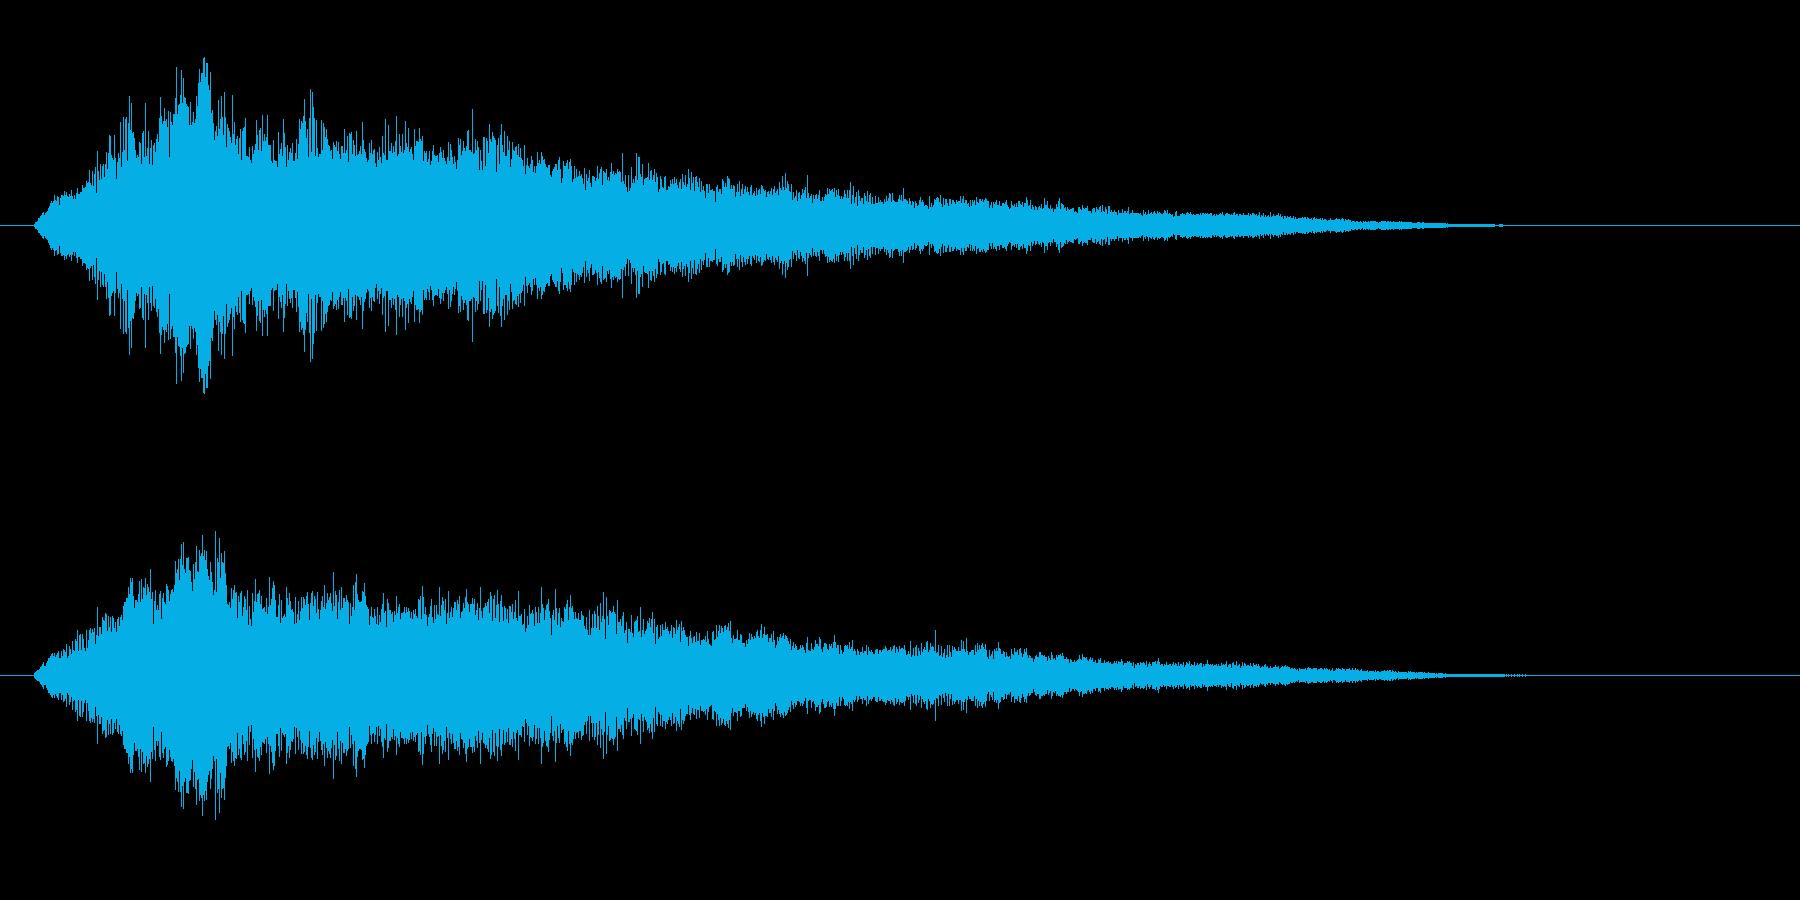 古いパソコンの起動音風ジングル1の再生済みの波形